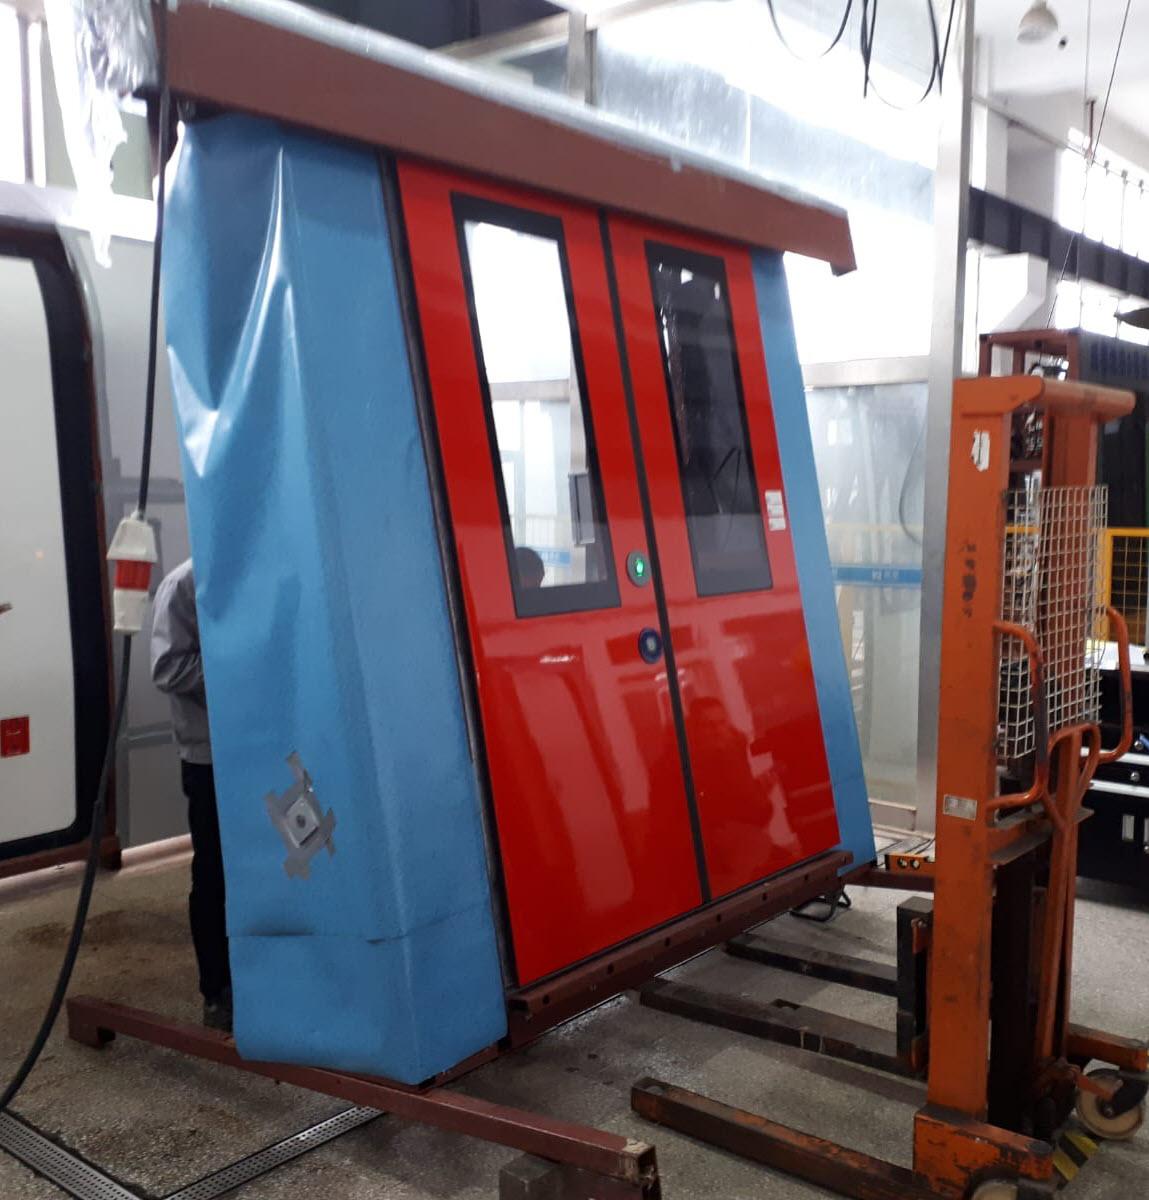 Test deuren nieuwe M7 metro